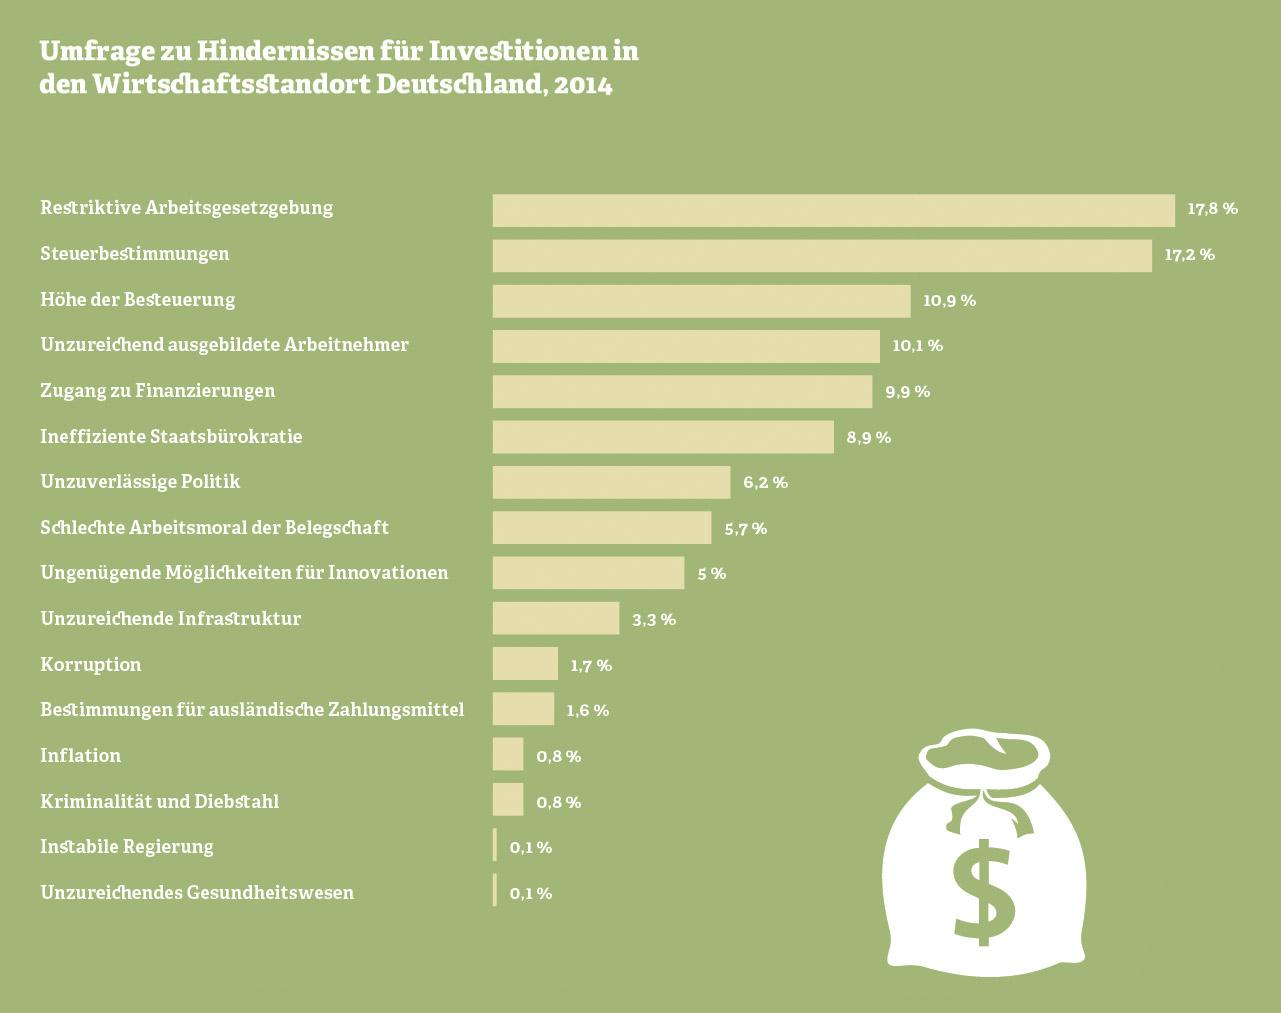 Grafik: Hindernisse für Investitionen in den Wirtschaftsstandort Deutschland, 2014.